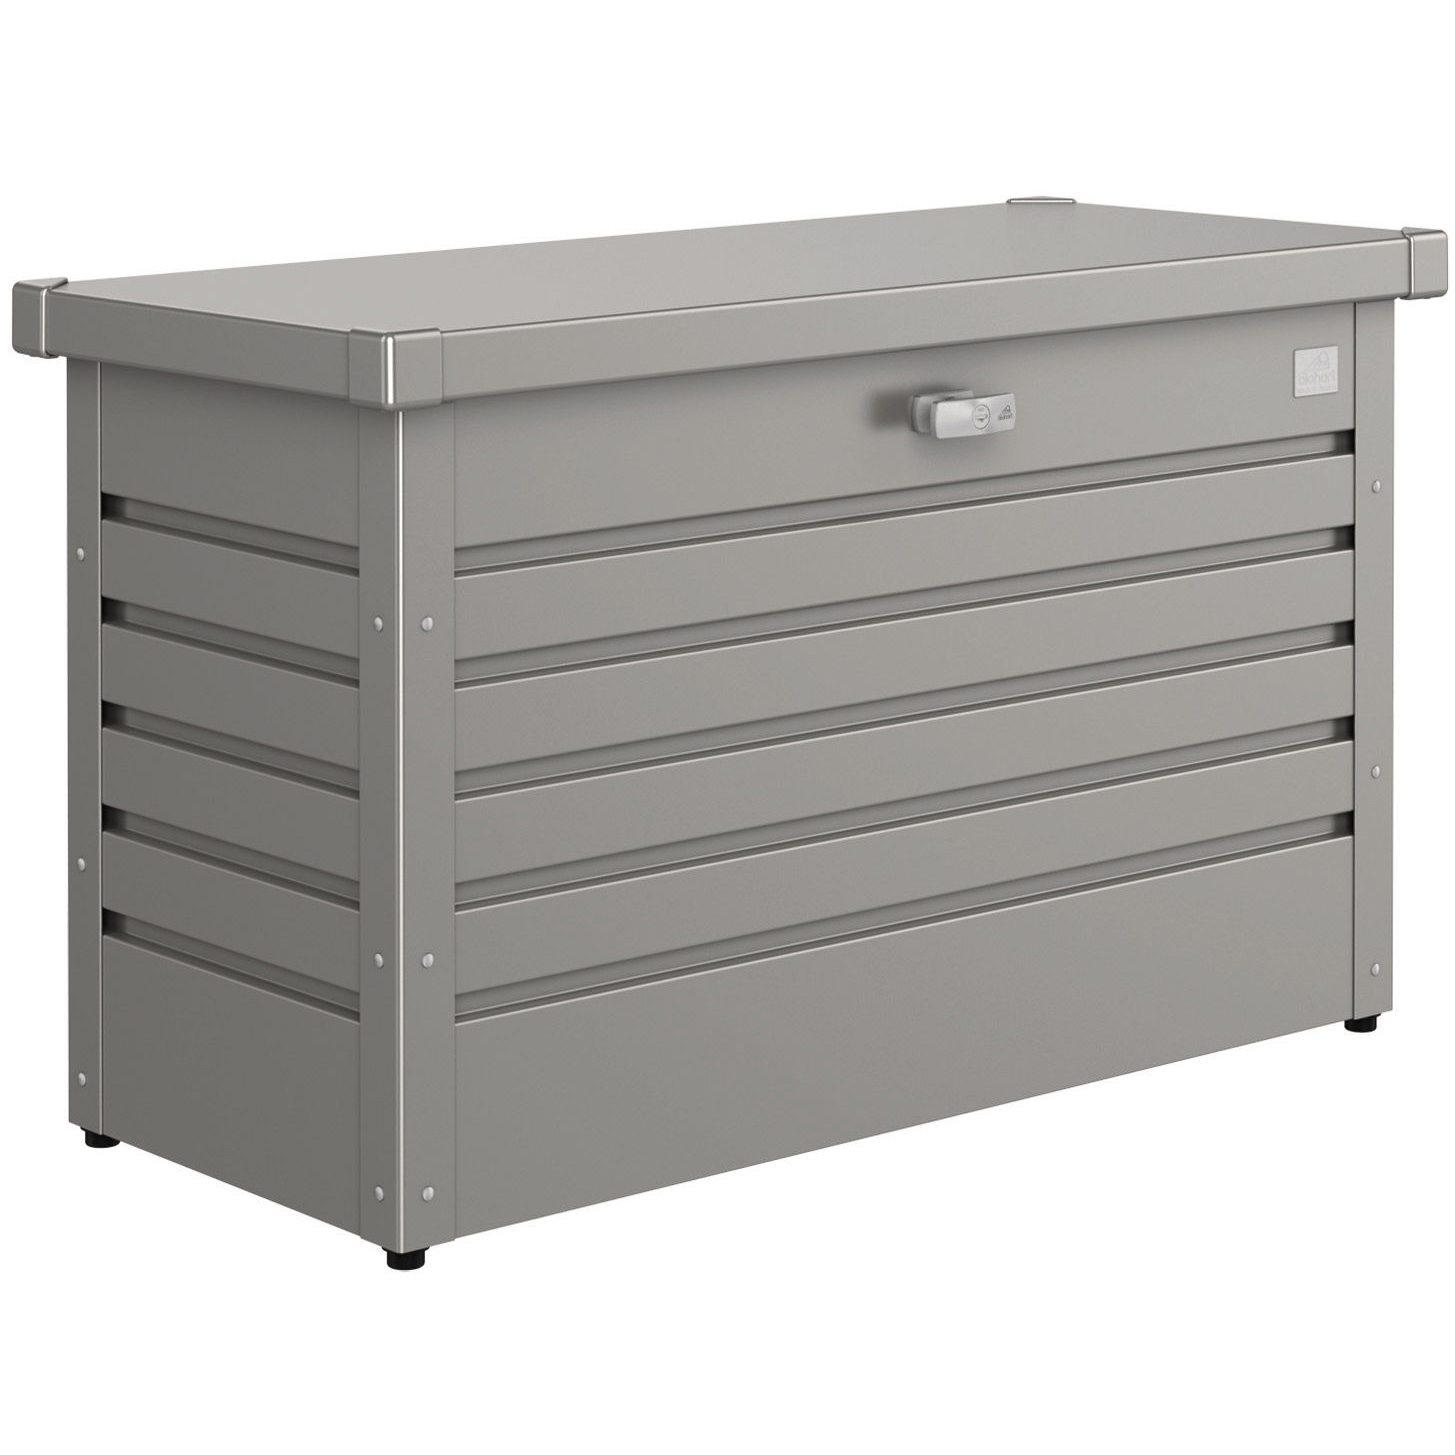 LeisureTime förvaringsbox 100, grå från Biohort